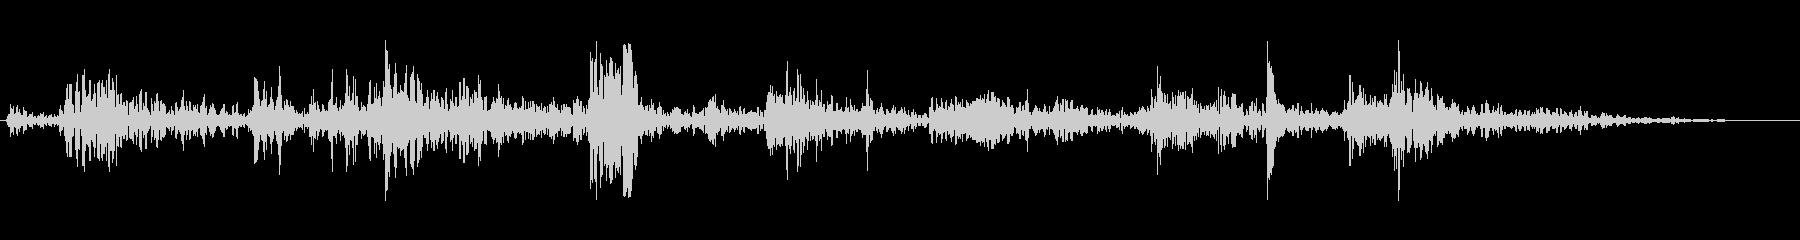 プクプク(潜水の音色)の未再生の波形